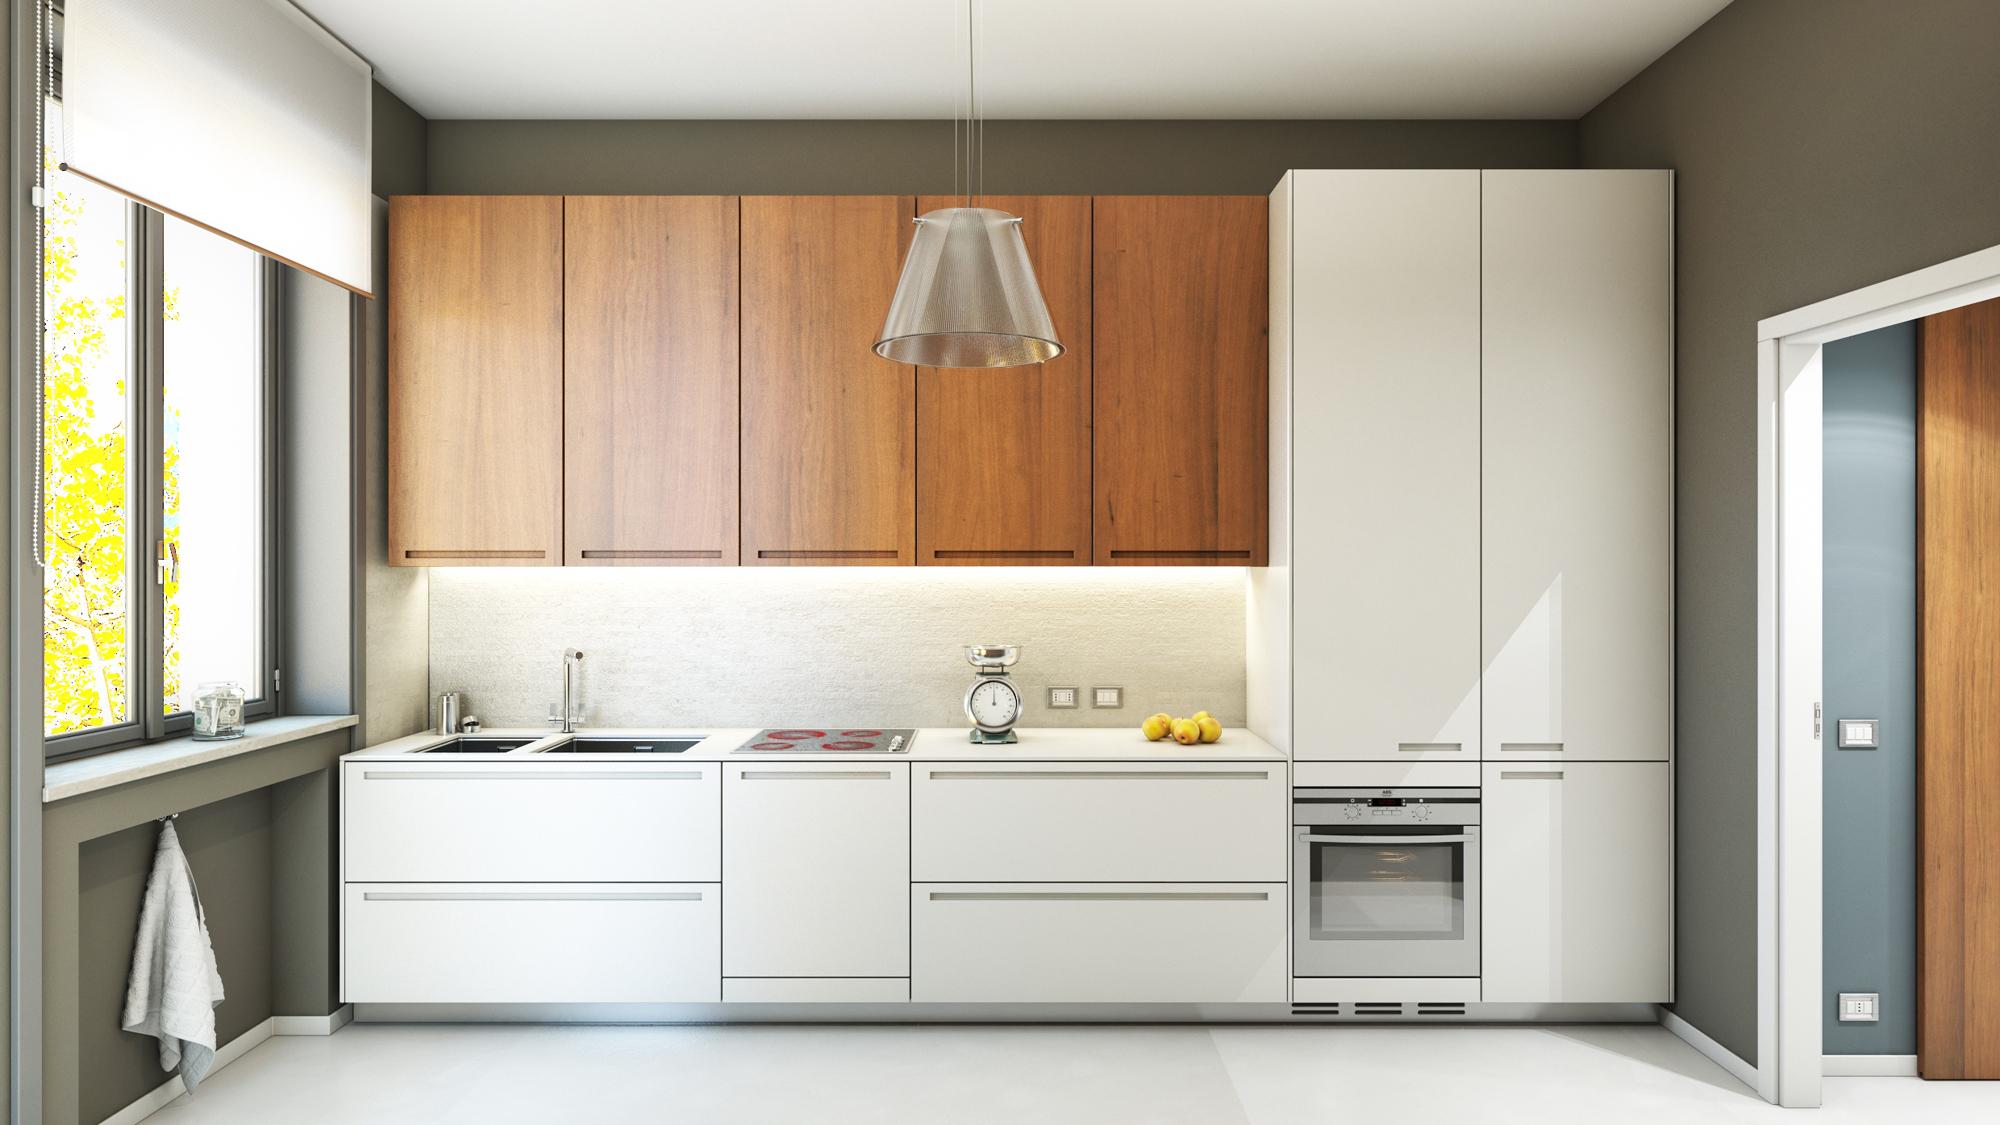 Ristrutturazione appartamento cucina milano via - Ristrutturazione cucina milano ...